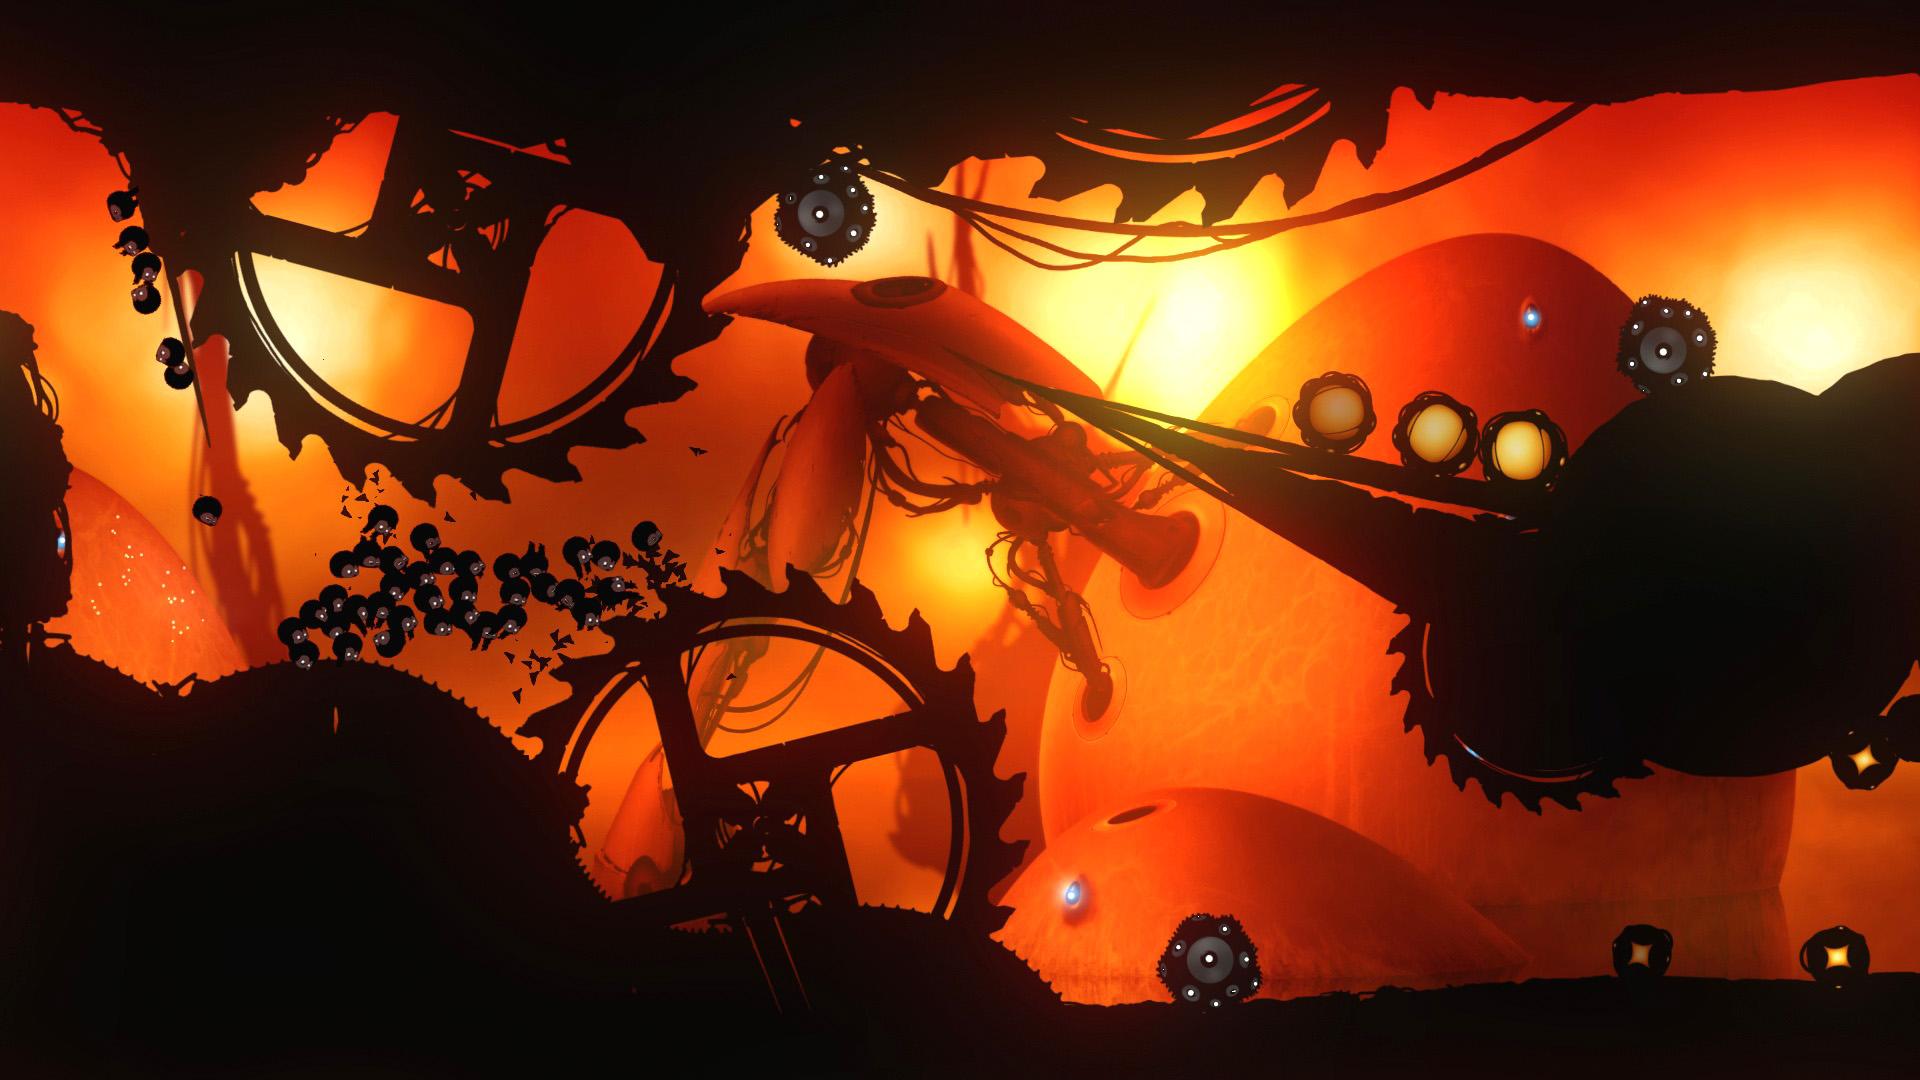 Badland : Game Of The Year Edition - Sélection de jeux vidéo « Adresse - Dextérité »